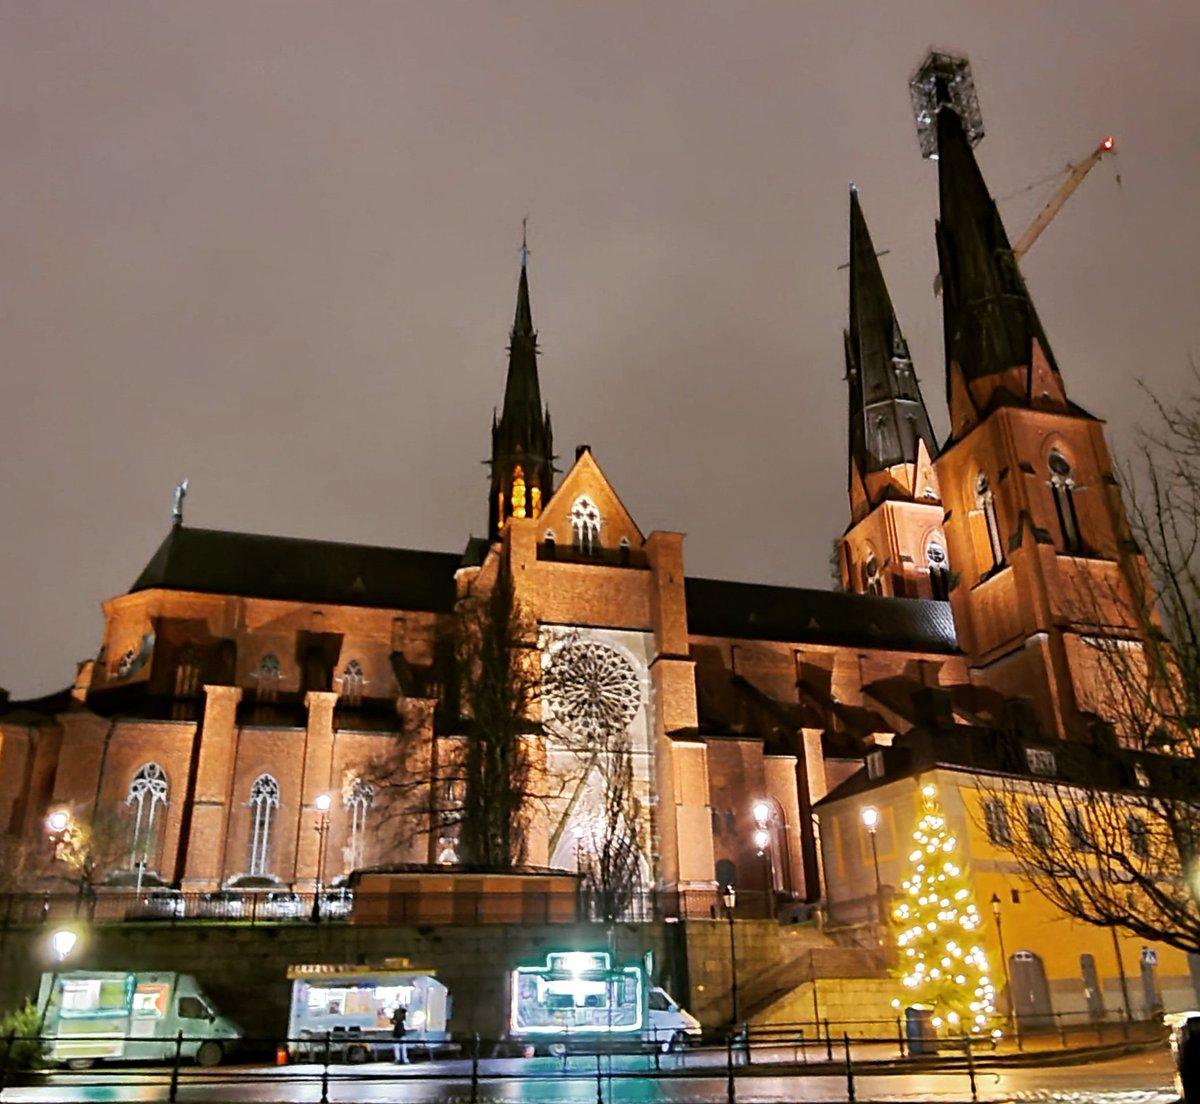 உப்சாலா எனும் பழைய நகரத்தில் உள்ள தேவாலயம். இருட்டில் எவ்ளோ அழகு பாருங்கள் 😊🙏🤩🥳❤️😍💕🥰😘 #uppsala #uppsalacity #uppsalafotografiska #uppsaladomkyrka #sweden #church #churches #NightPhotography #tamilyoutuber #gumbalasuthuvom